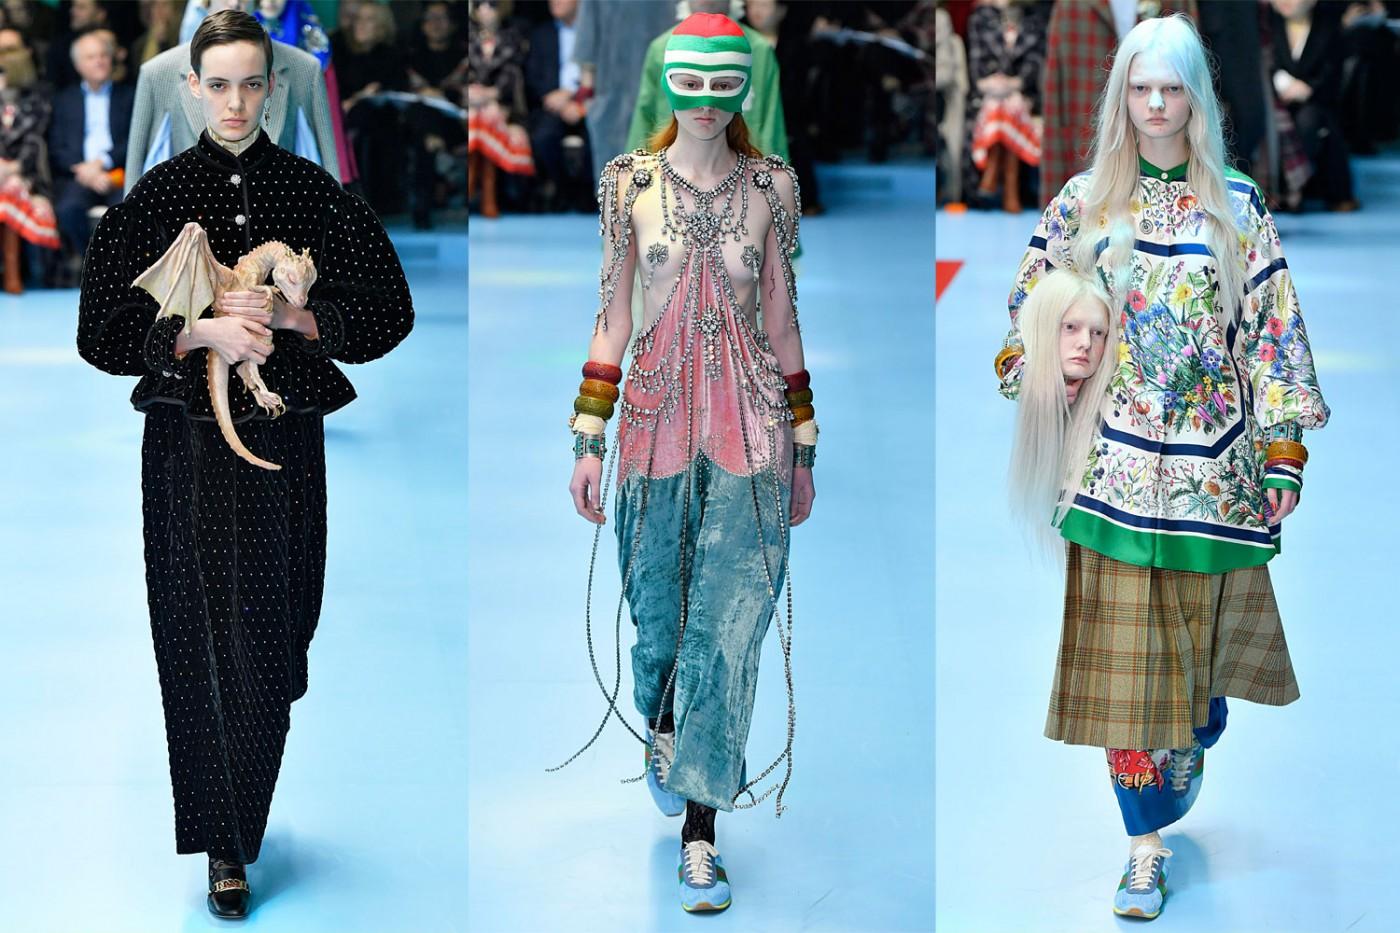 sklejka zdjęć przedtsawia mężczyzne i dwie kobiety idących po wybiegu , męzczyzna ubrany na czarno trzyma replikę małego smoka kobieta po prawej o jasnych blond włosach tzryma podobiznę swojej własnej głowy